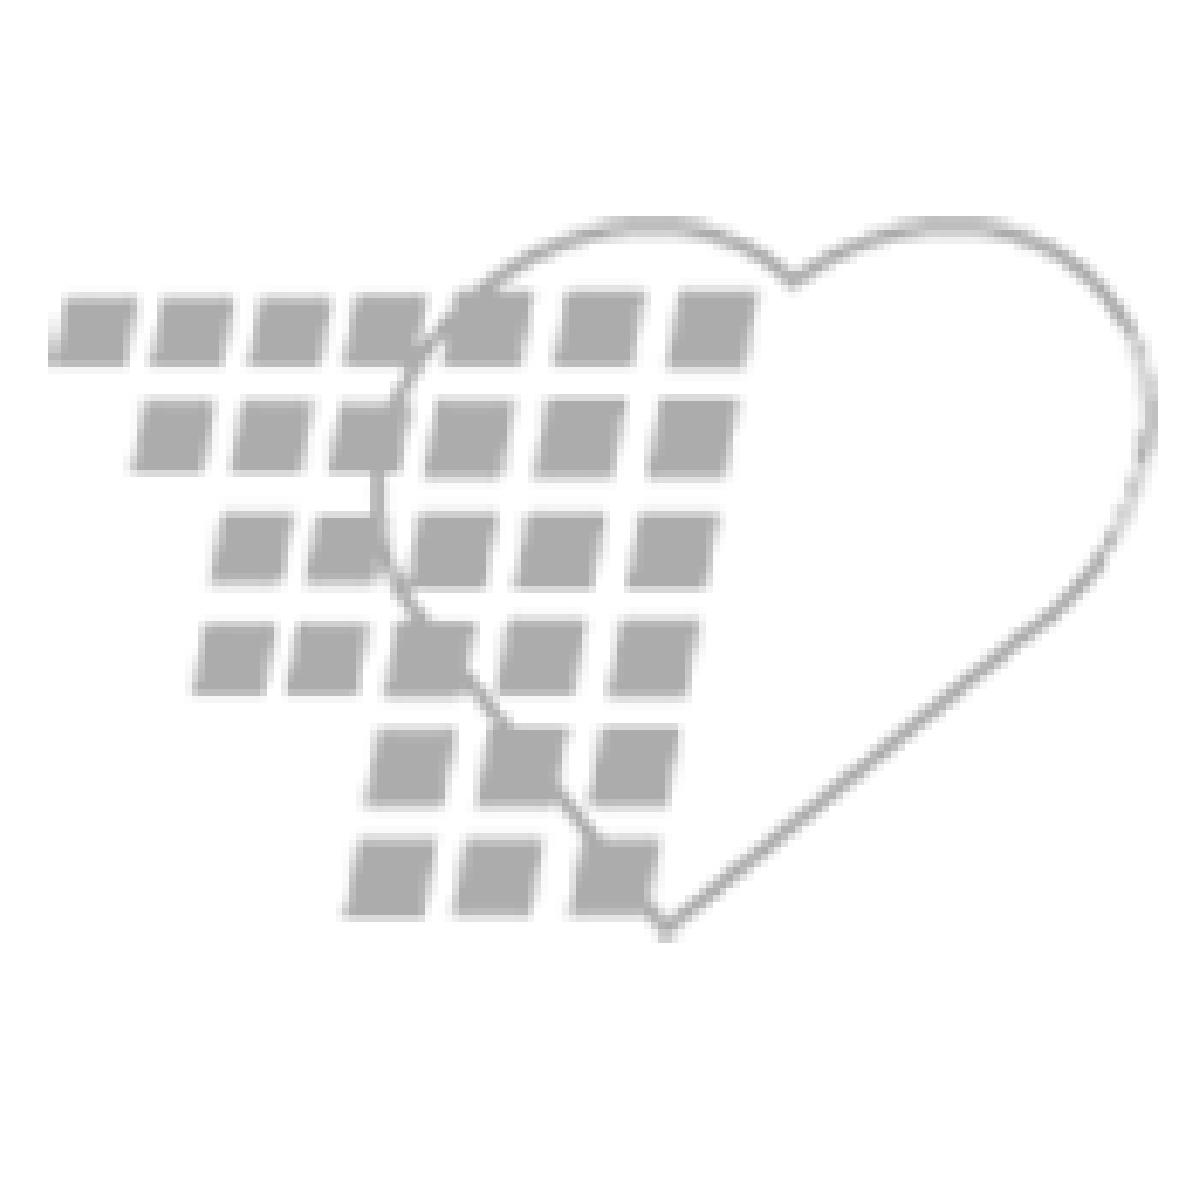 02-38-0228 - Assure® Lance Lockout Safety Lancets 28G